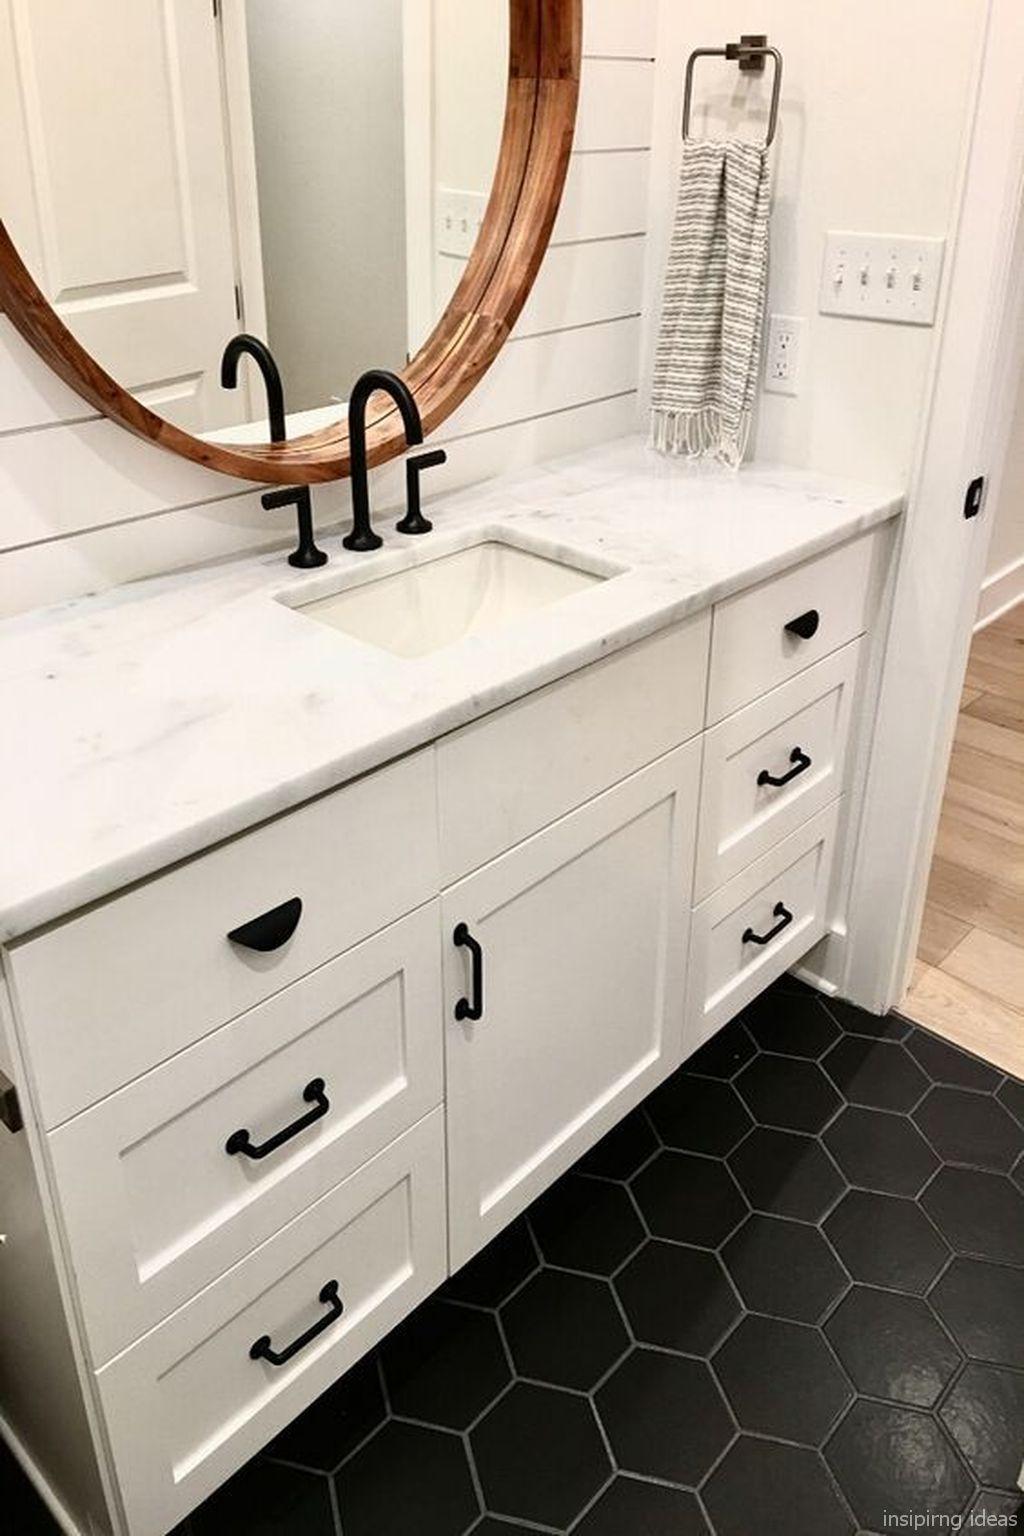 32 Awesome Modern Farmhouse Bathroom Vanity Ideas in 2020